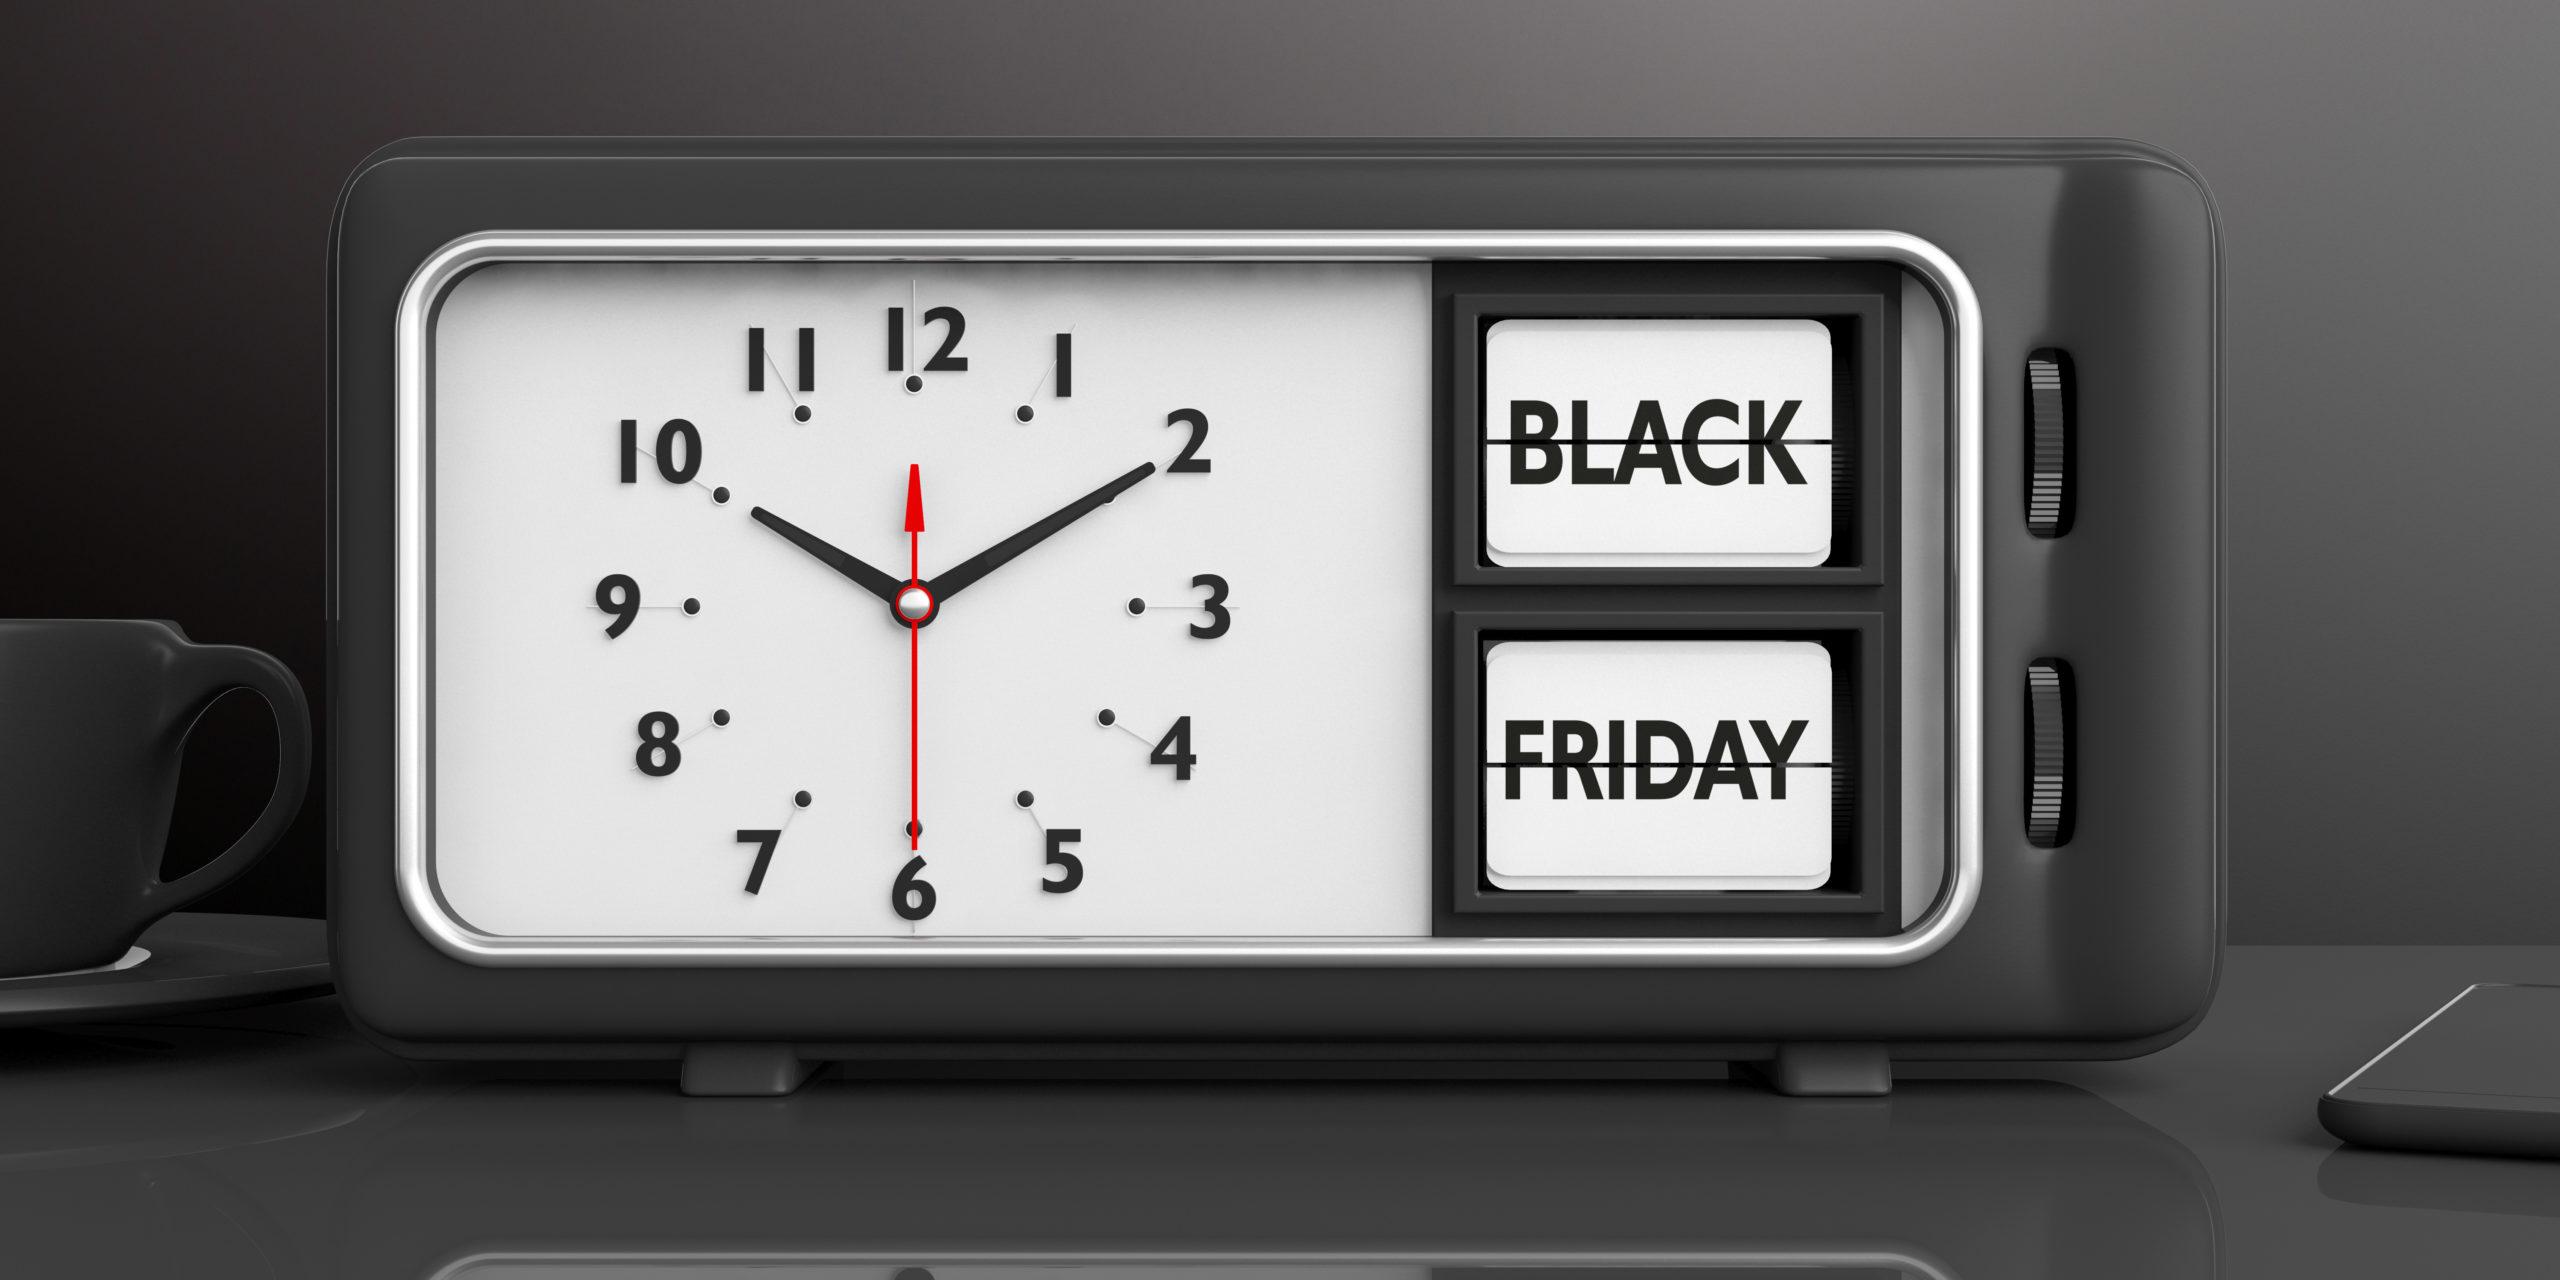 estrategias de marketing para el black friday